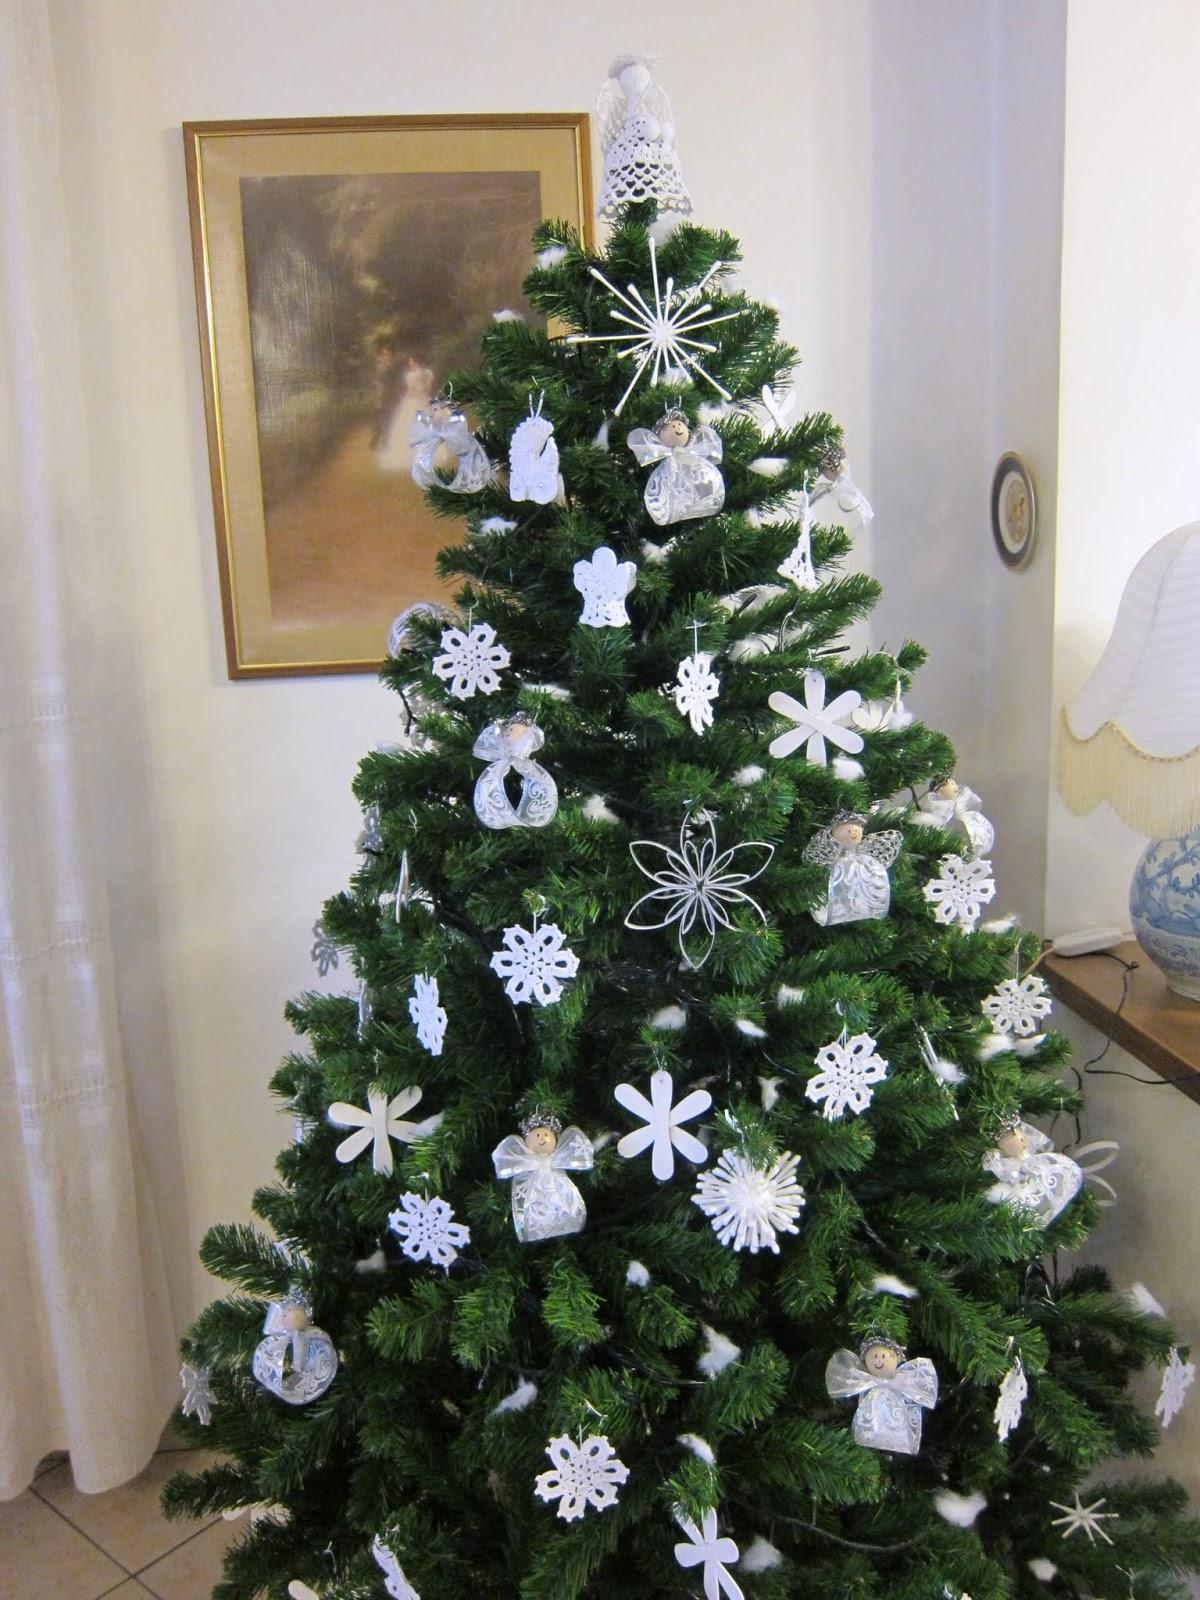 Popolare Milù, di tutto e di più!: Natale BU55